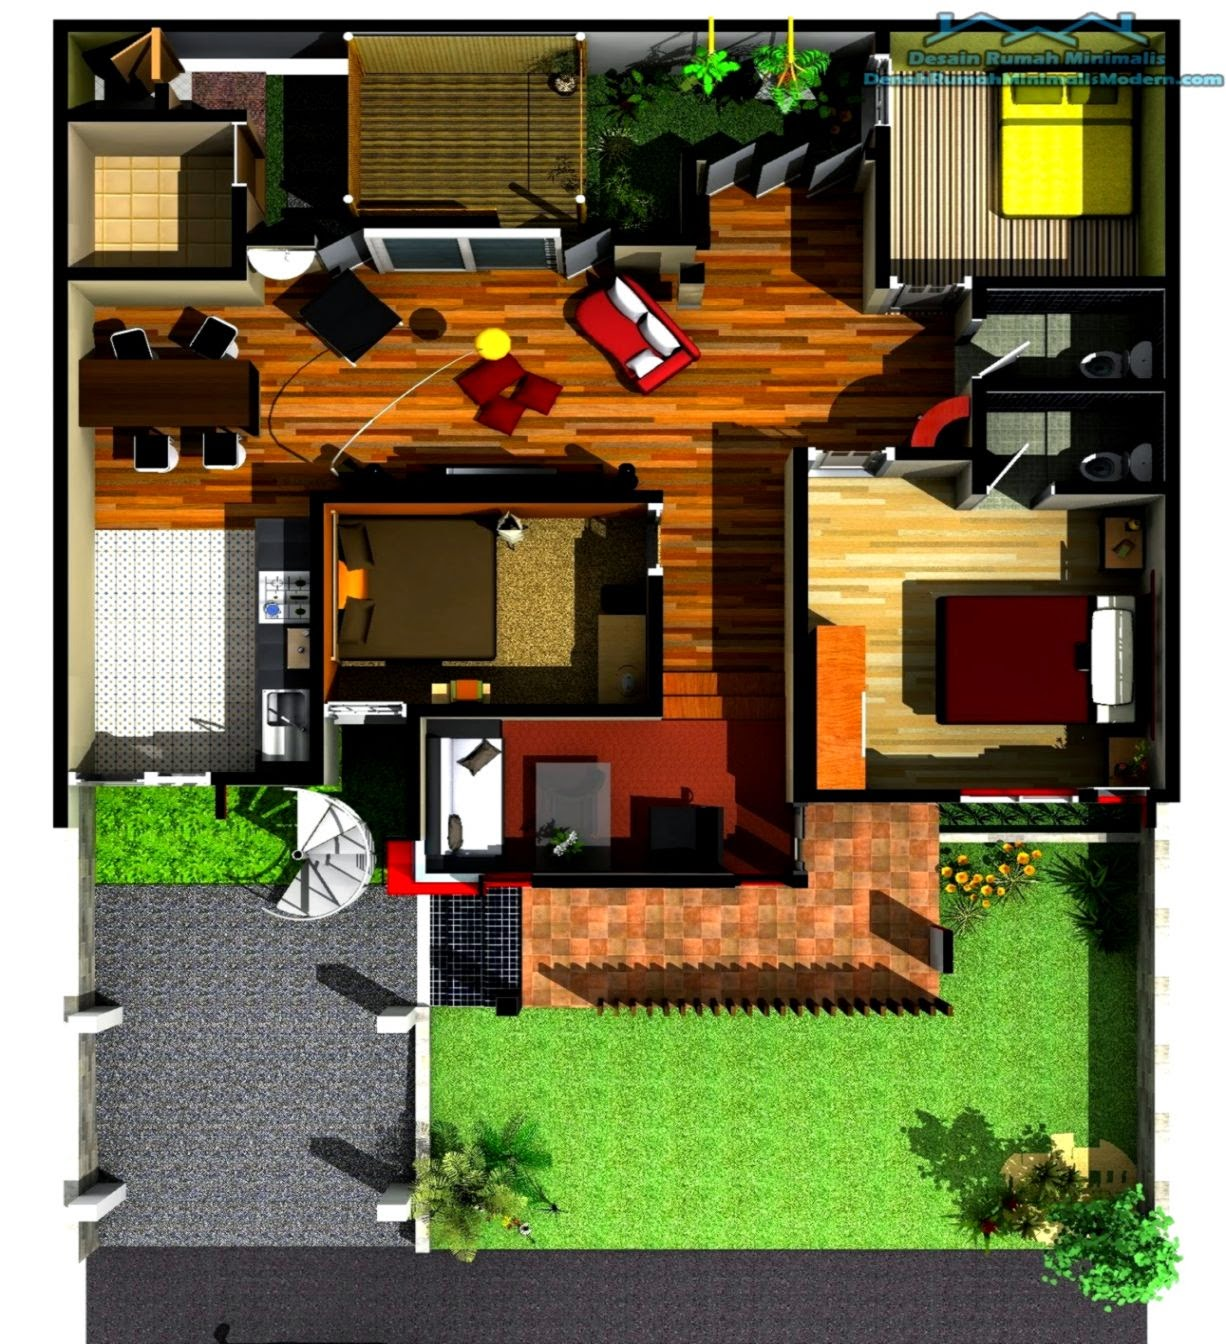 Desain Rumah Minimalis 1 Lantai 3 Kamar Design Rumah Minimalis